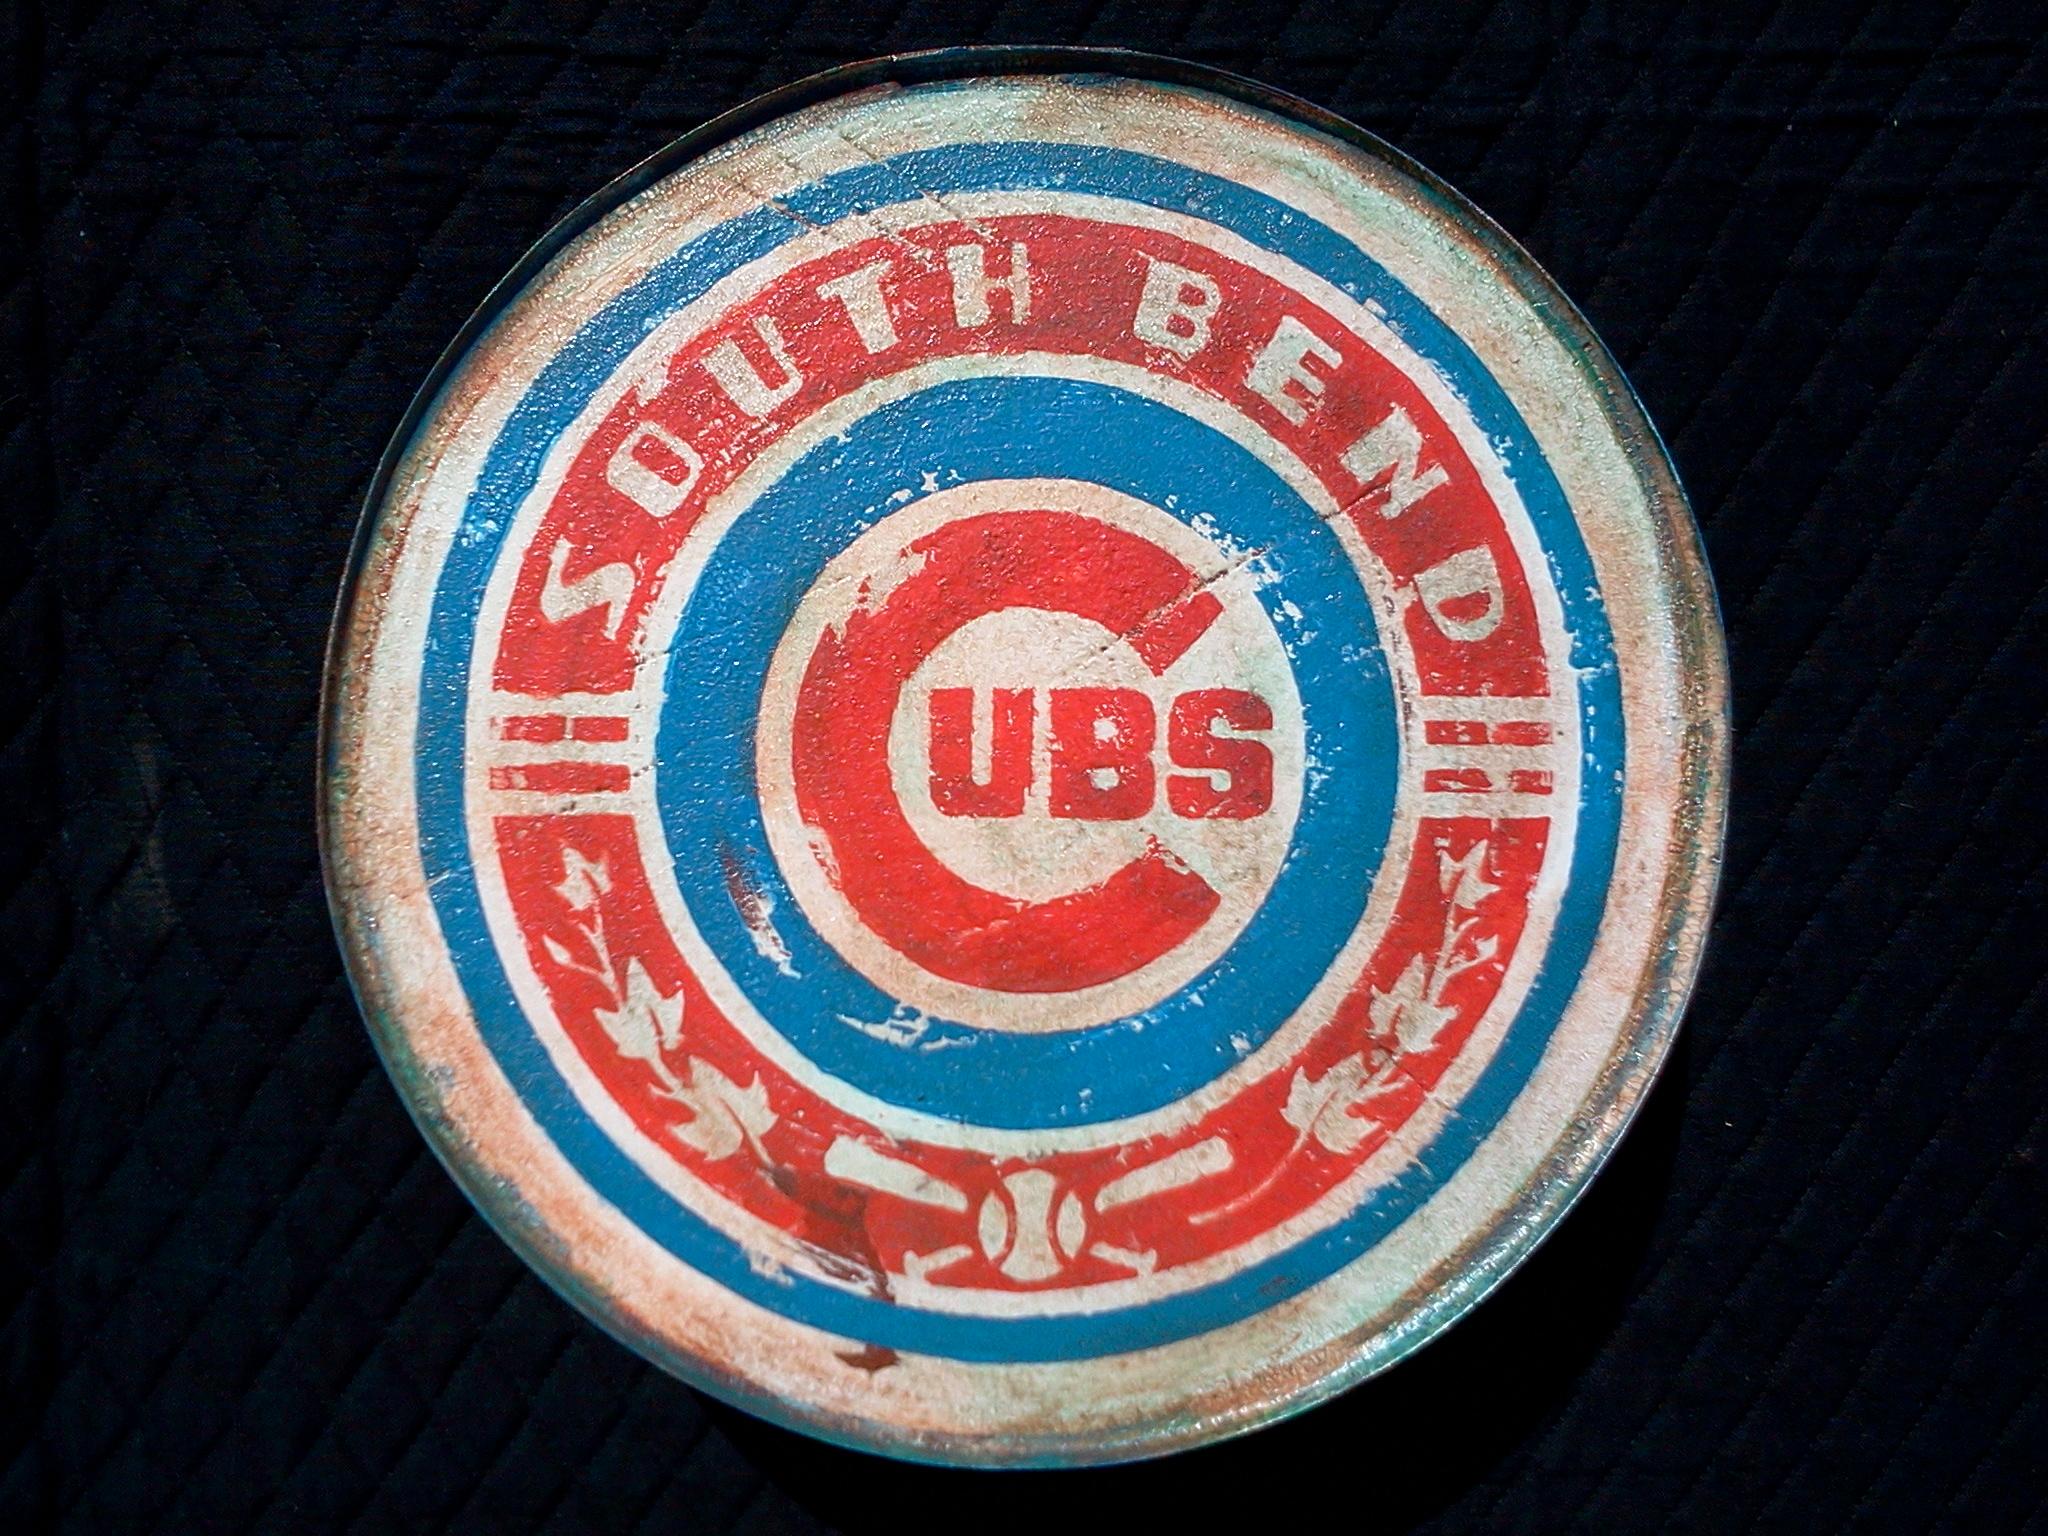 Cubs round logo